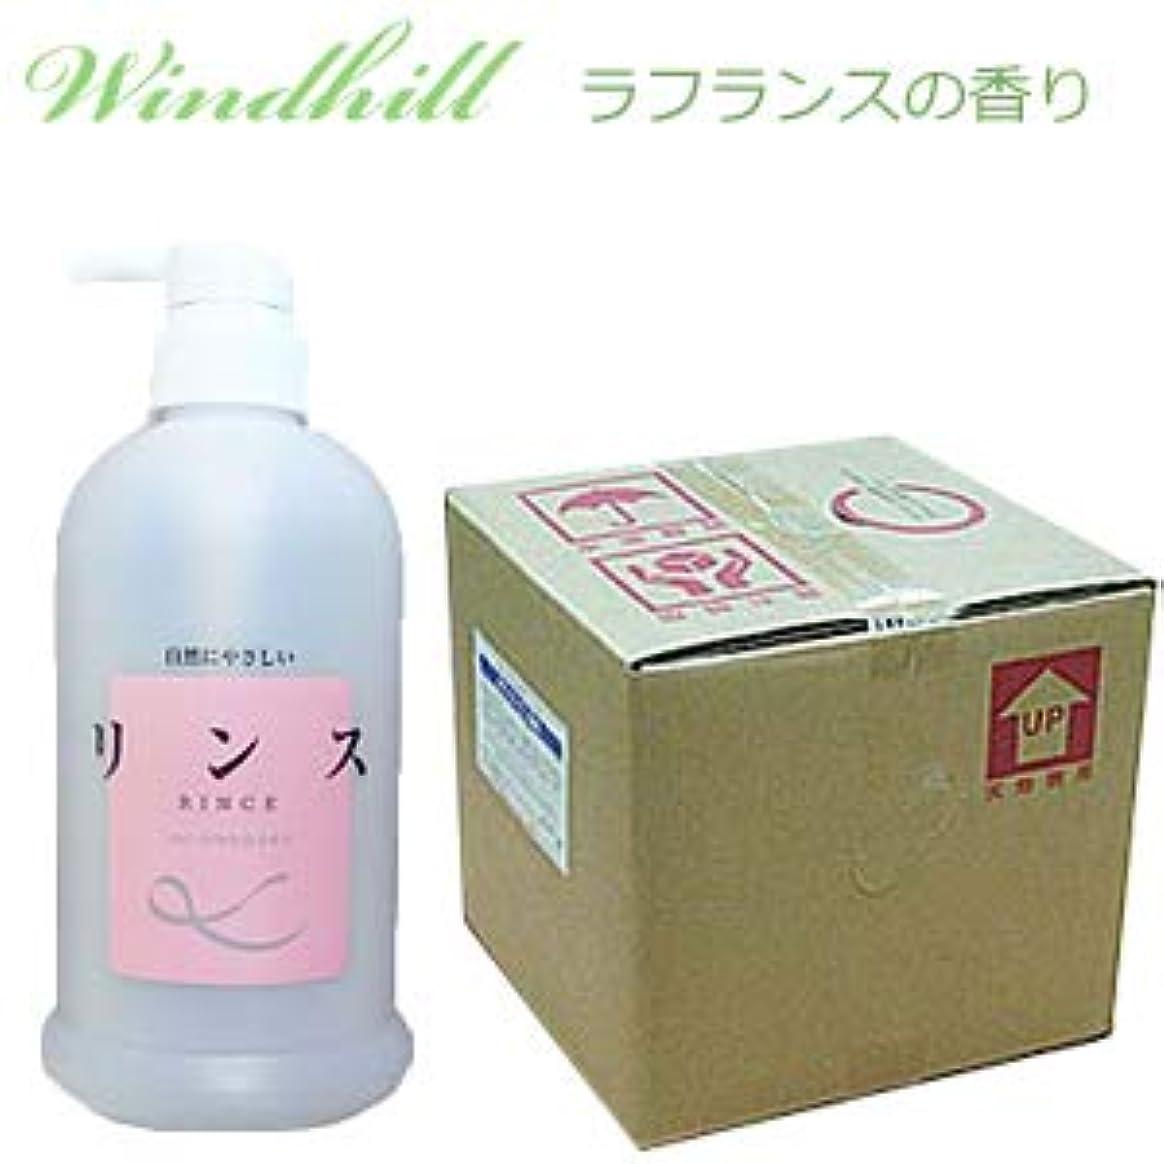 天国喜ぶ量なんと! 500ml当り173円 Windhill 植物性 業務用 リンス  爽やかなラフランスの香り 20L